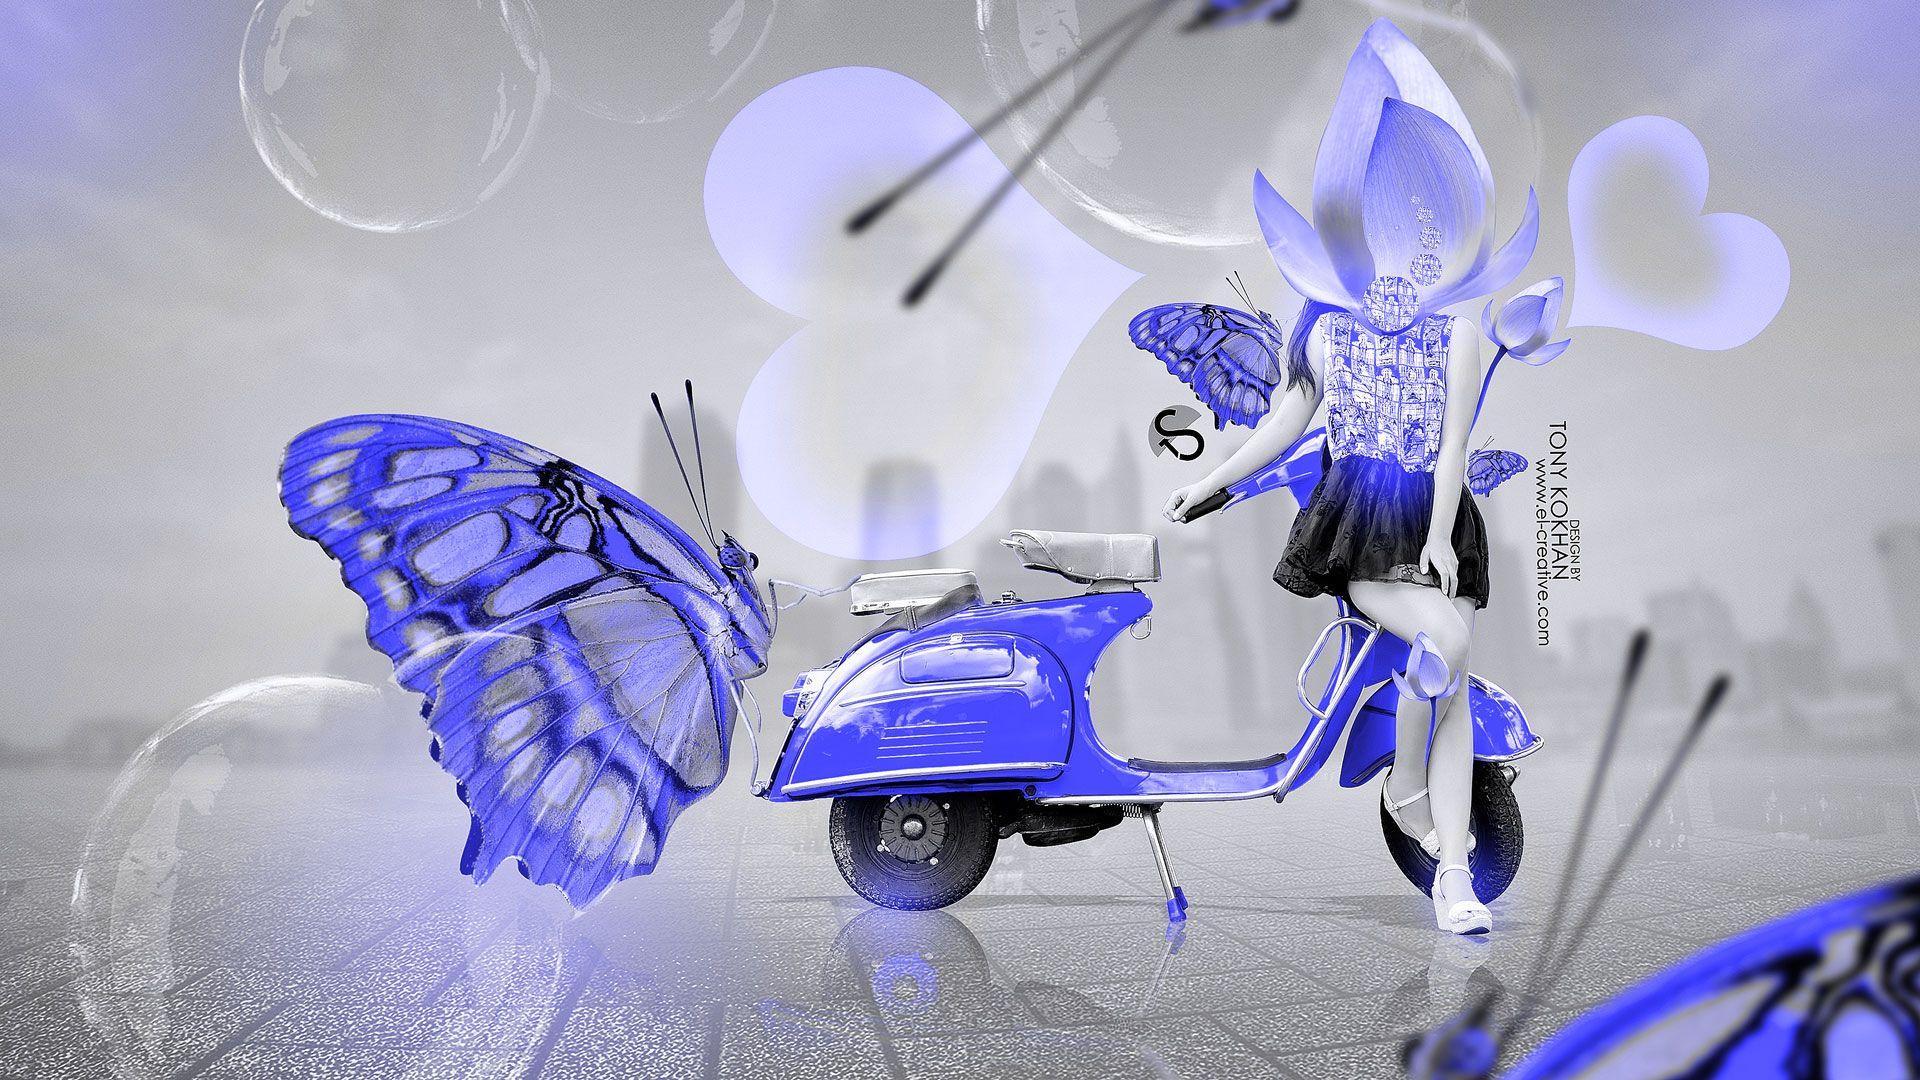 Neon Butterfly Backgrounds | Smart Fantasy Flowers Heart Plastic Car 2014  Greenu2026